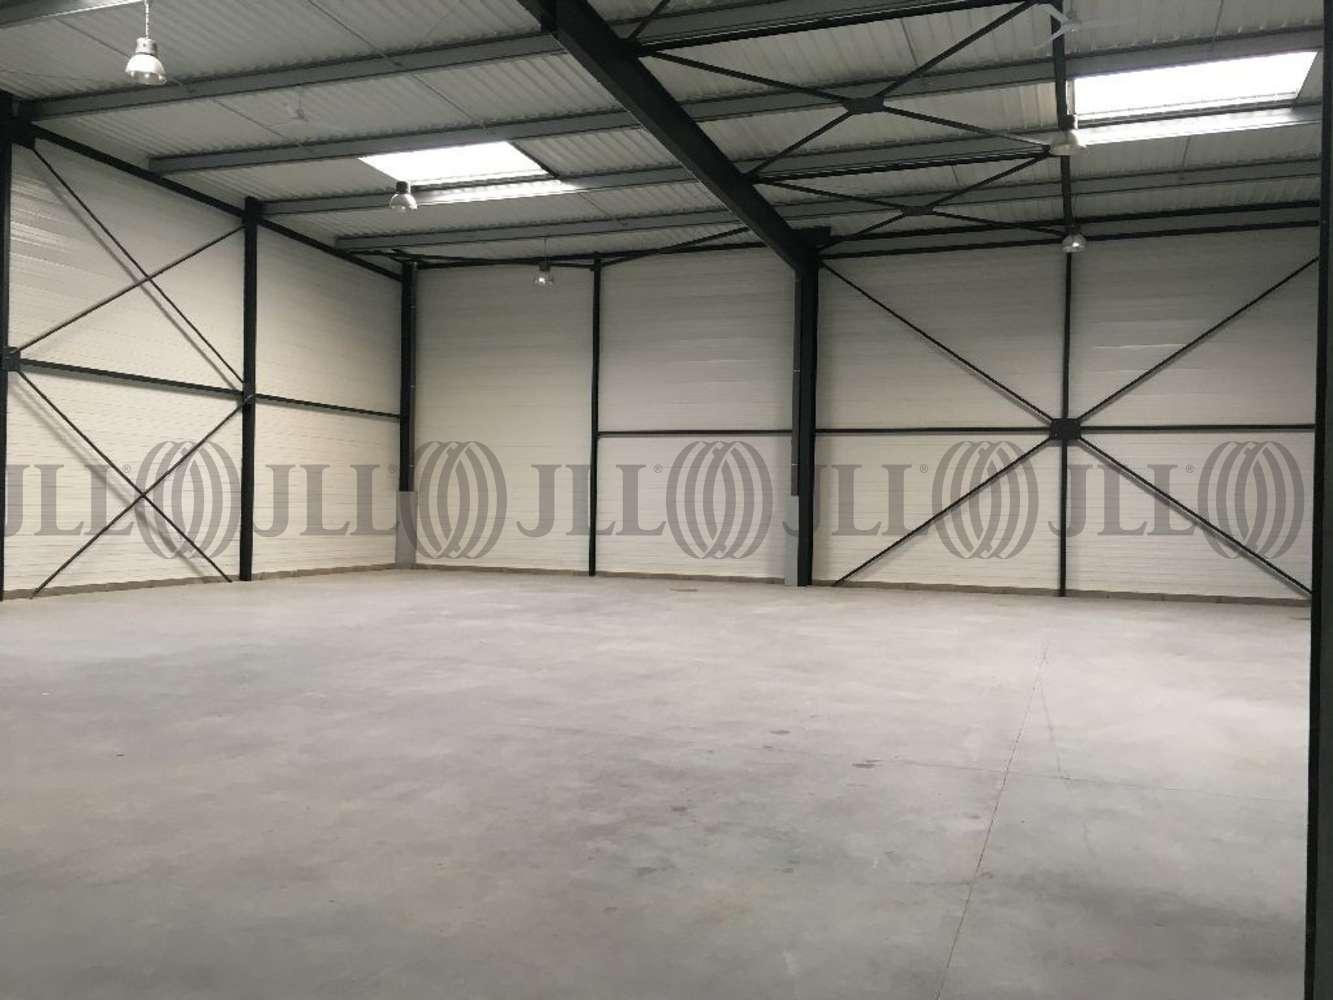 Activités/entrepôt St cyr l ecole, 78210 - PARC SPIRIT DE SAINT-CYR L'ÉCOLE - 9896956